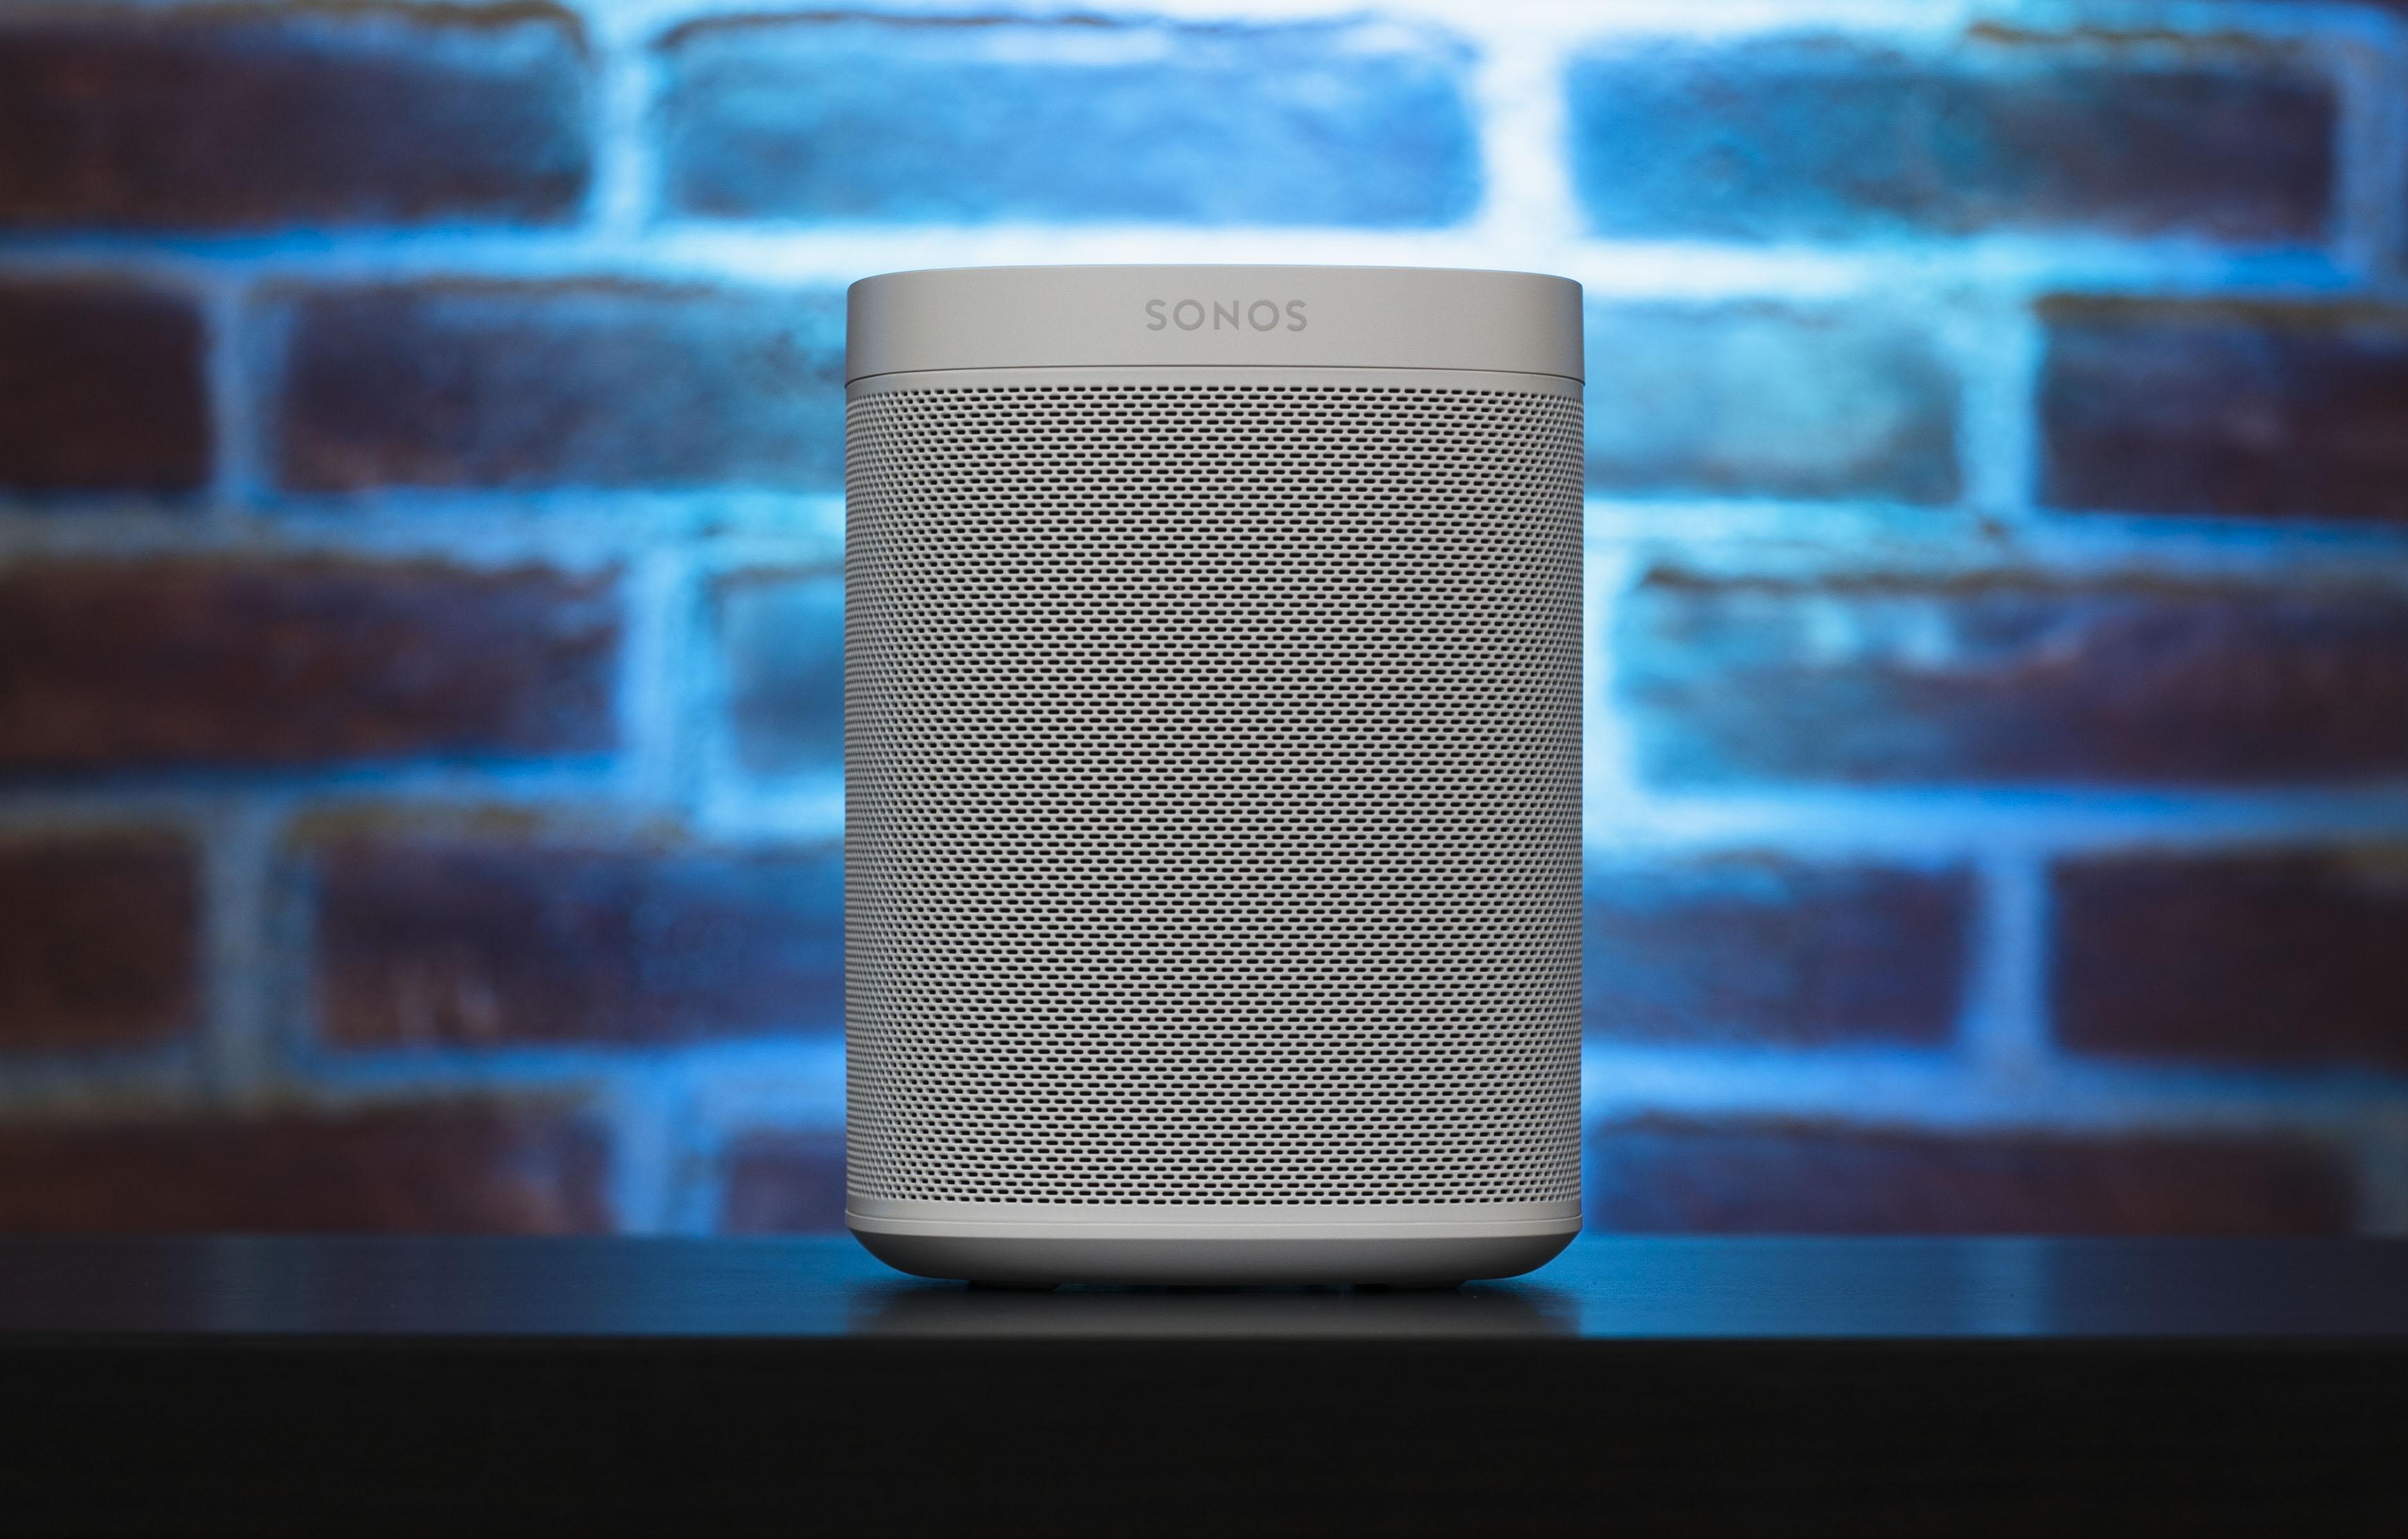 7d5ad21617645a Besitzer eines Sonos-Systems können Alexa auch mit den beliebten  WLAN-Speakern verbinden. Das funktioniert mit allen Sonos-Lautsprechern,  also auch älteren ...